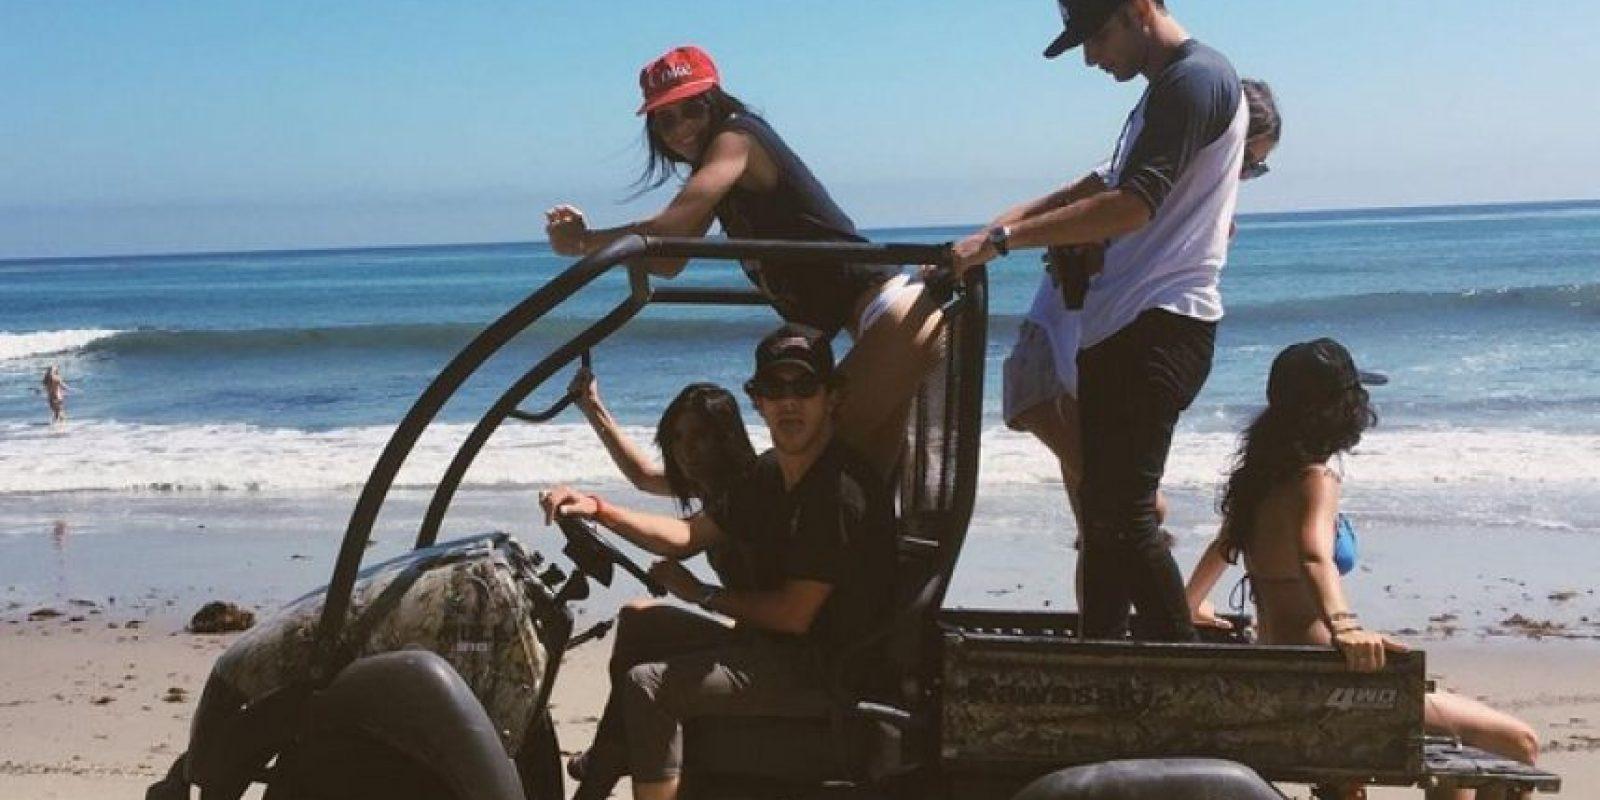 Posteriormte, viajaron a las playas mexicanas para continuar con la celebración Foto:Instagram/kinggoldchains